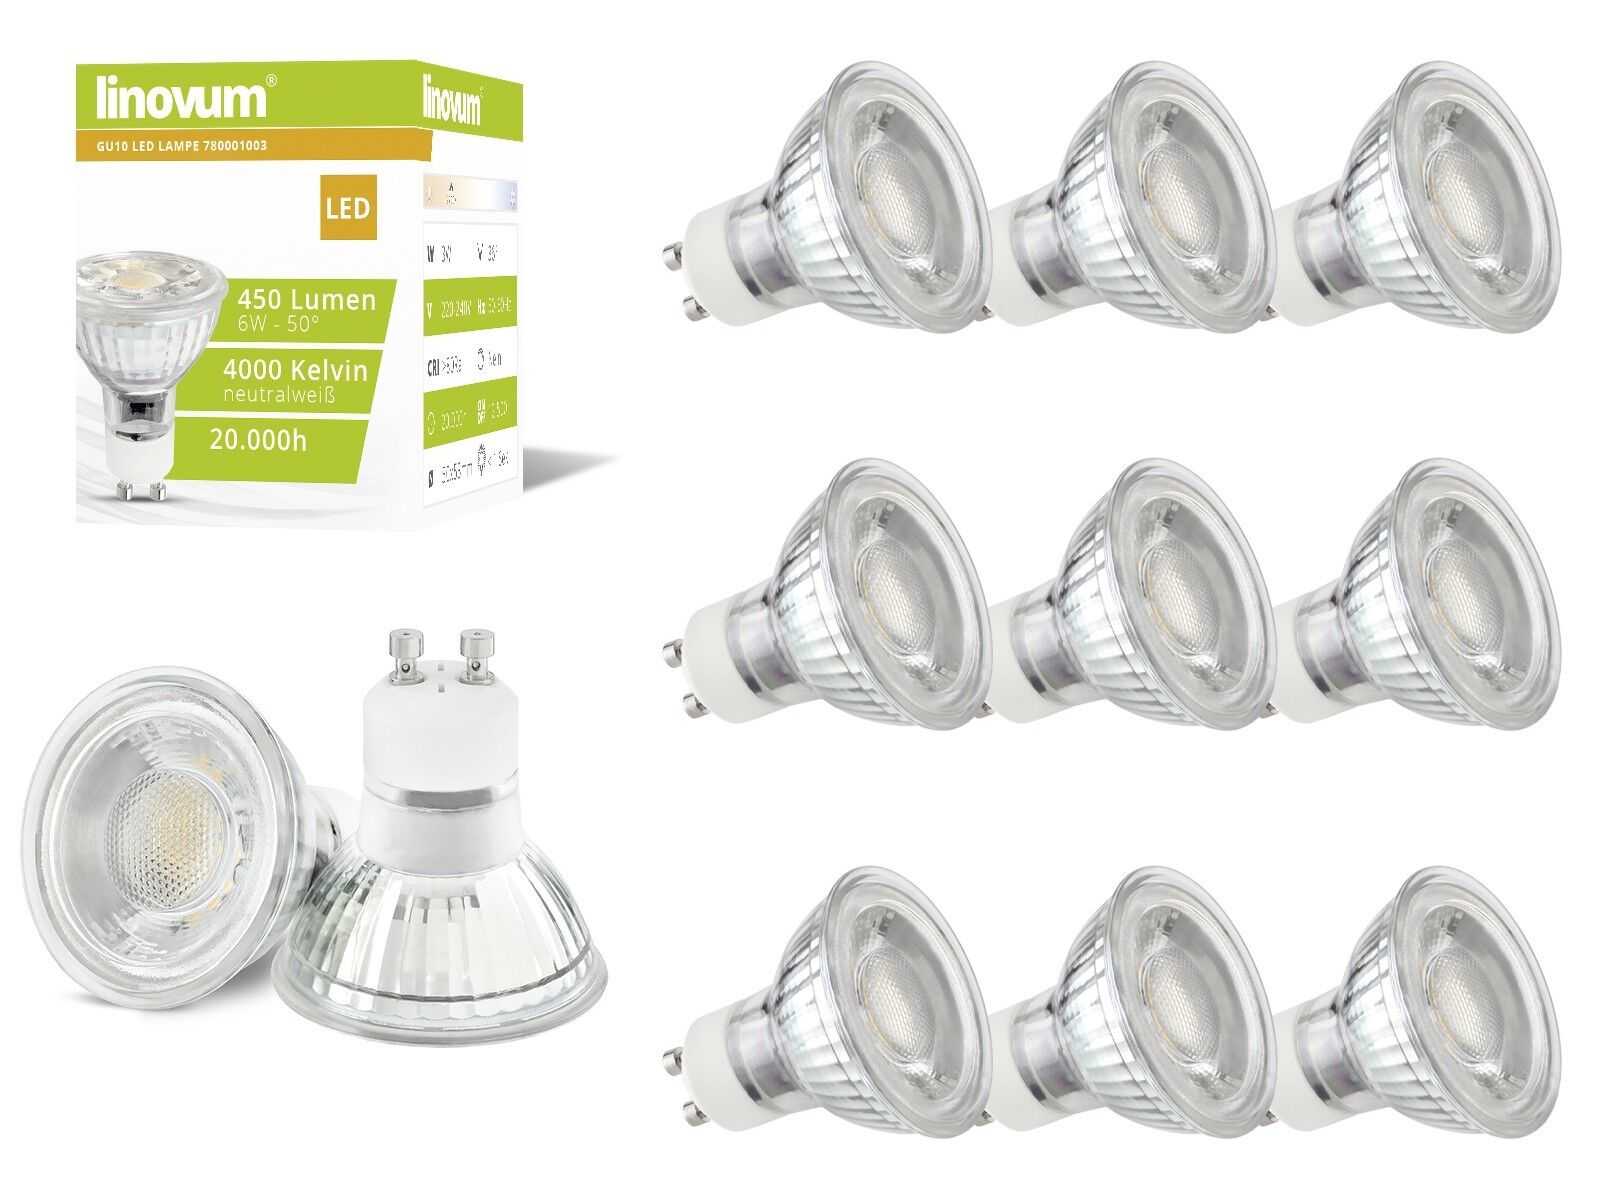 10x linovum 6W GU10 LED Lampen Set ersetzt 50W neutralweiß 4000K Leuchtmittel